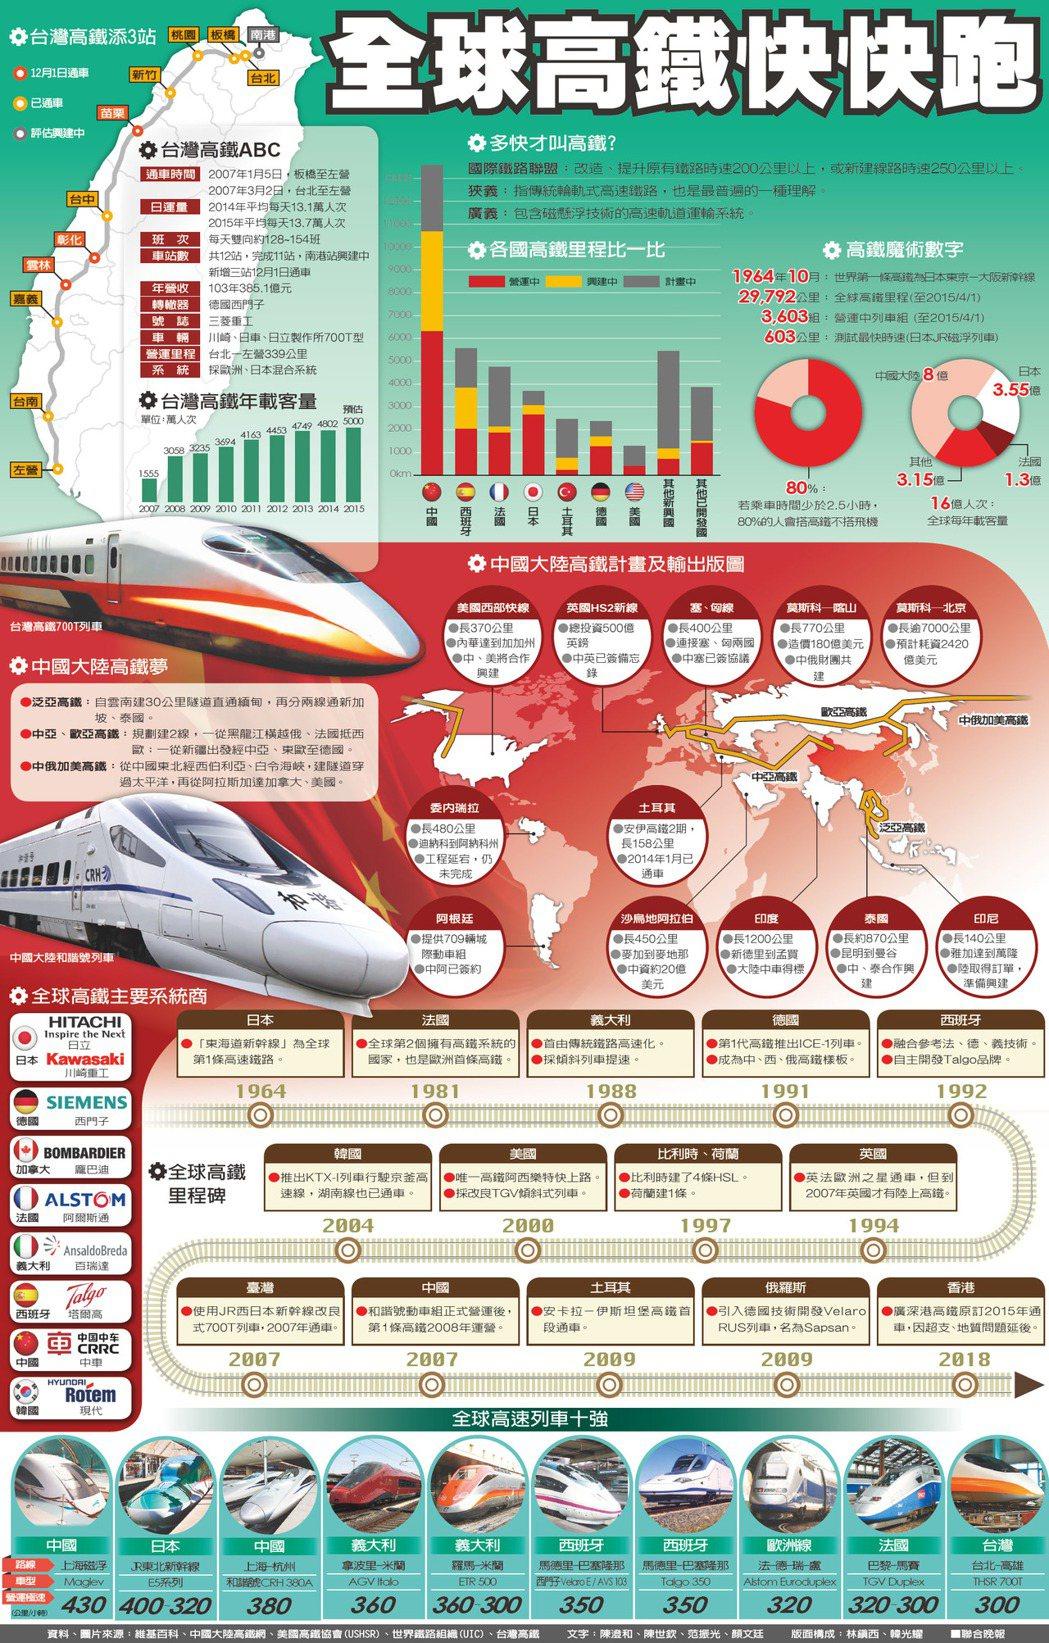 全球高鐵快快跑圖片來源:維基百科、中國大陸高鐵網、美國高鐵協會(USHSR)...